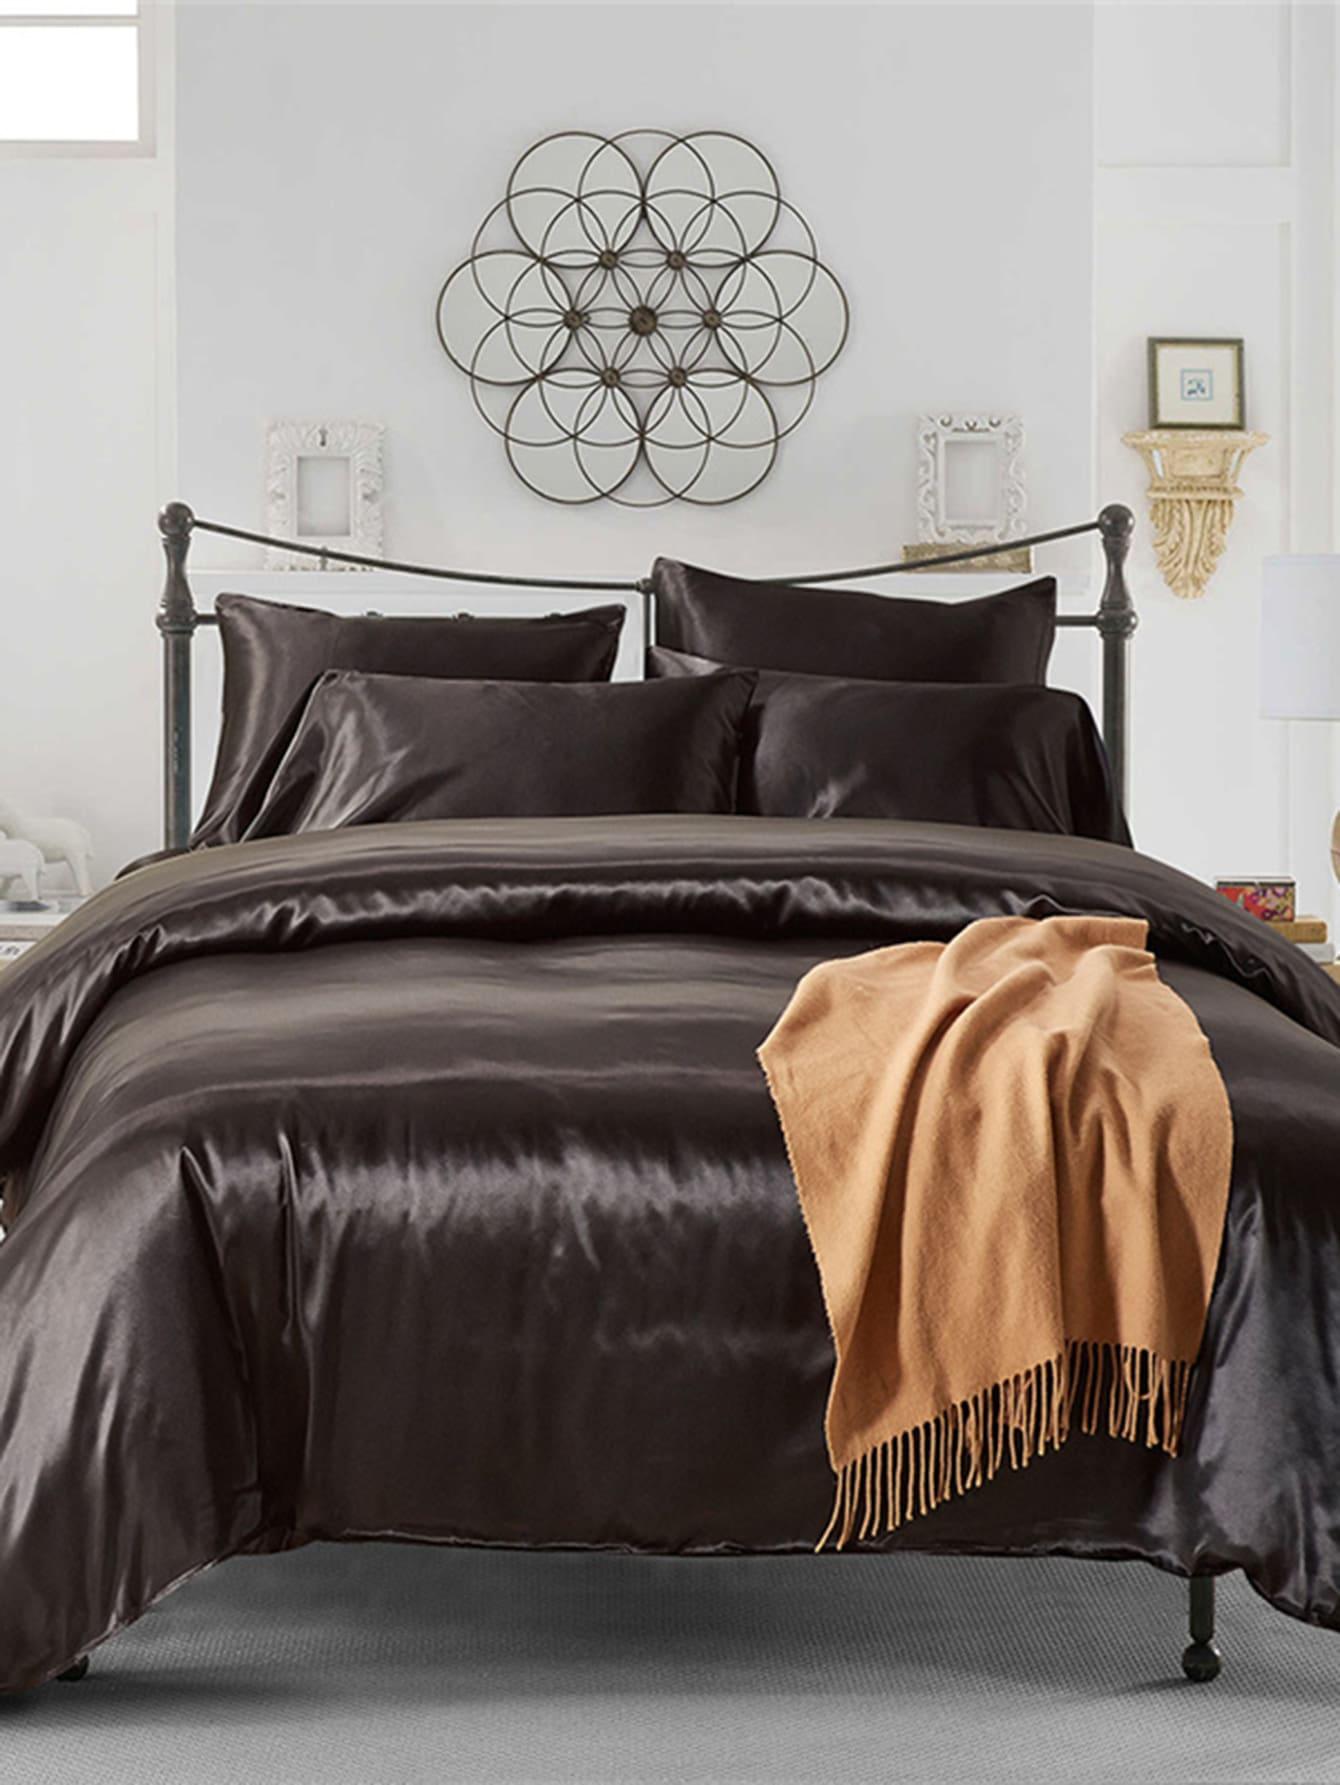 2.0m 3Pcs Simple Solid Colour Bed Sheet Set